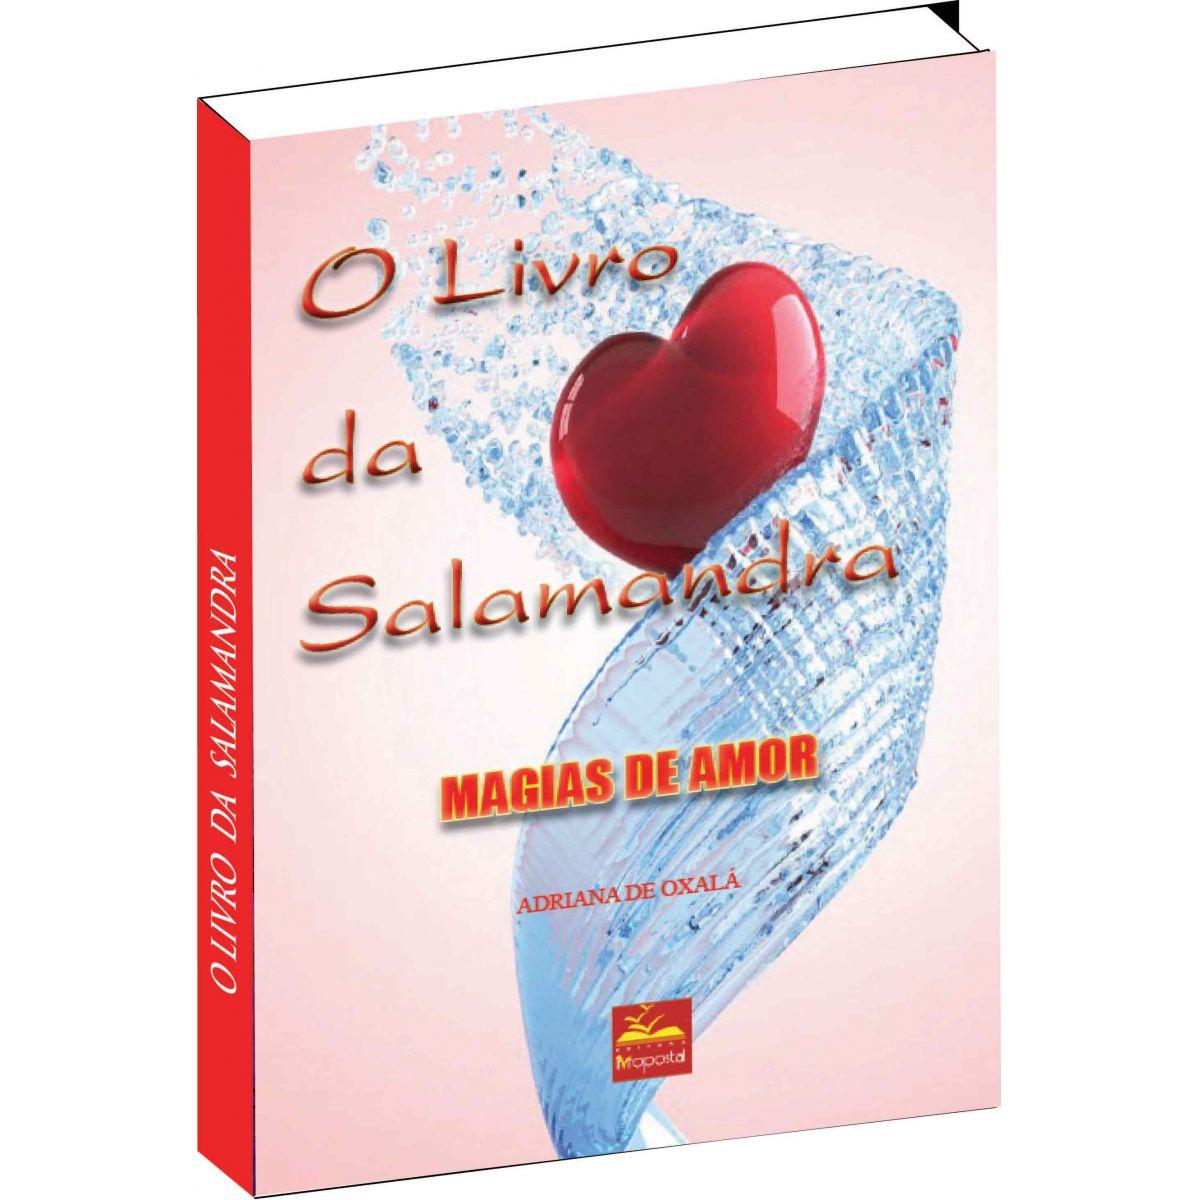 Livro da Salamandra  - Livropostal Editora